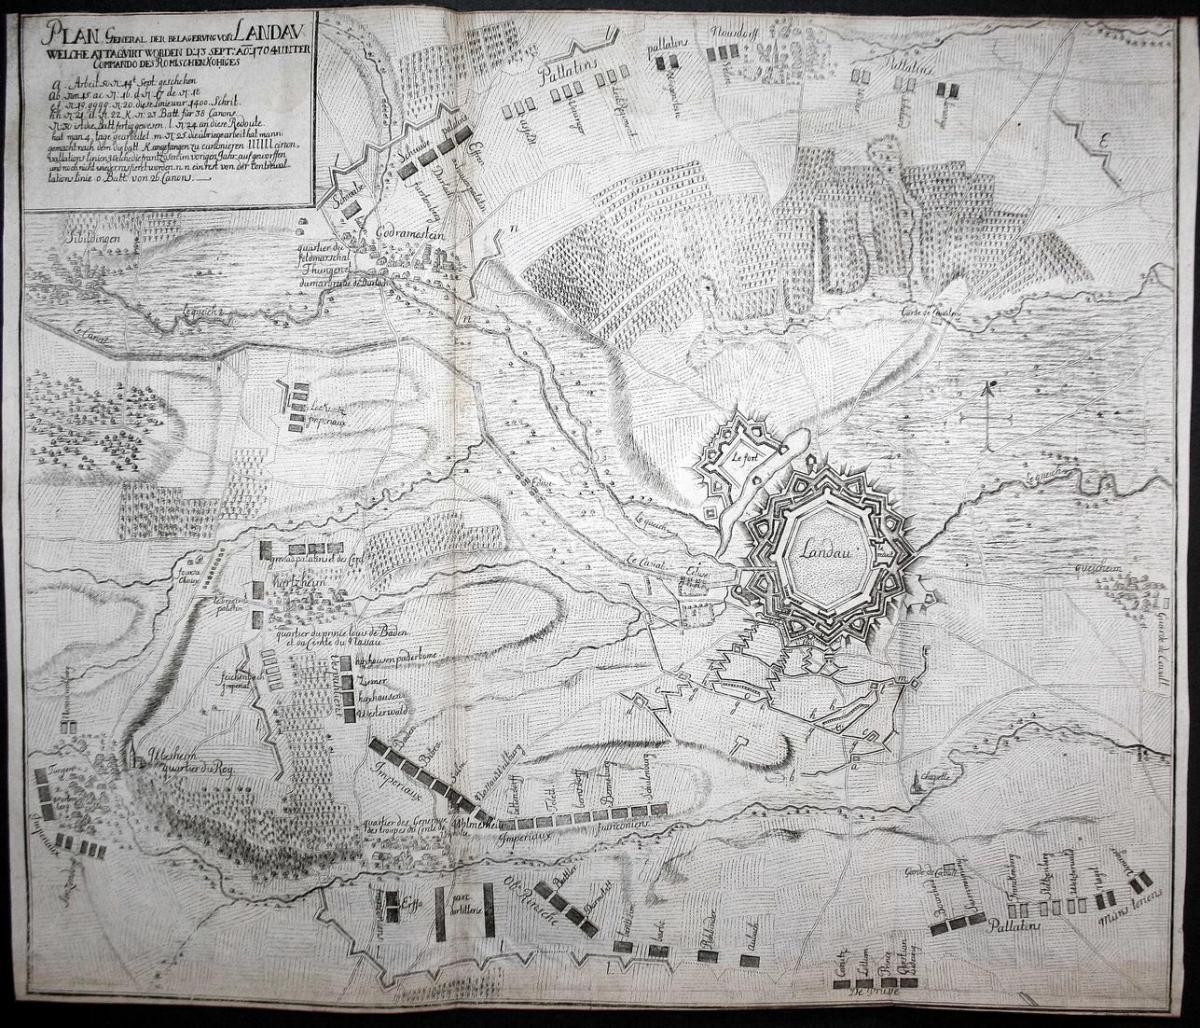 Plan General der Belagerung von Landau welche attaquirt worden . 1704 - Landau Belagerung Schlacht Karte map K 0